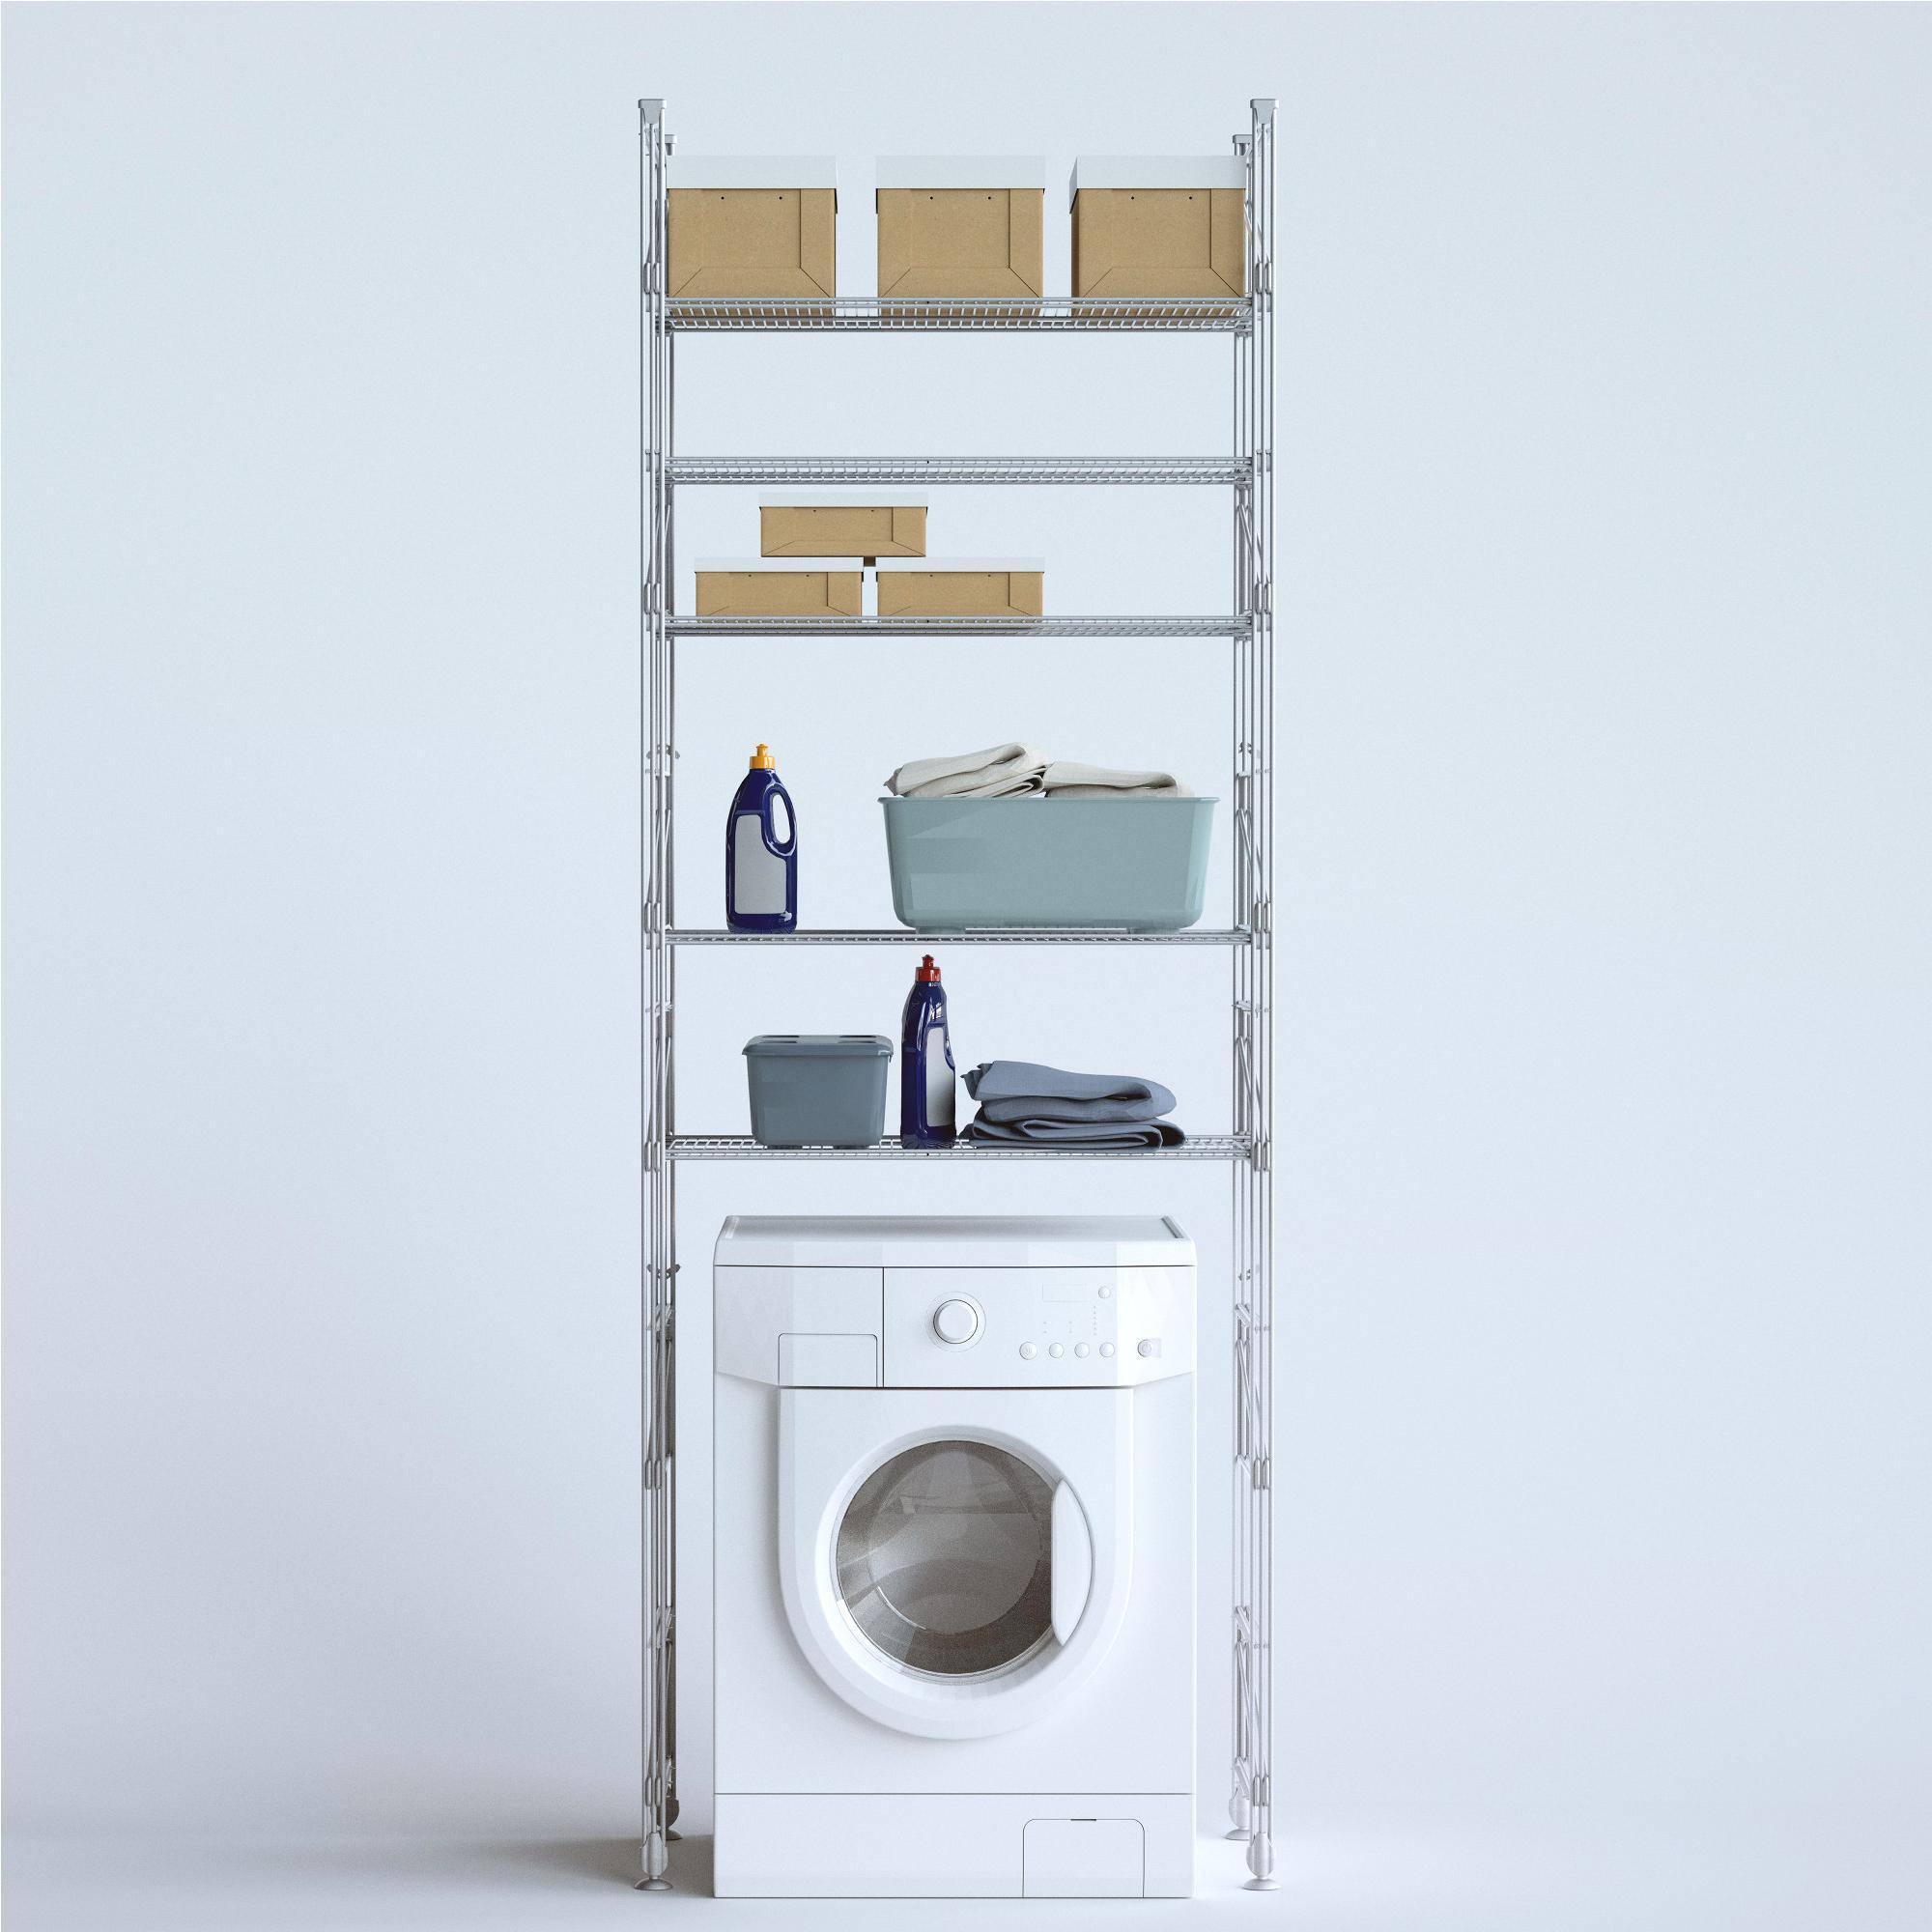 Scaffale componibile modulo lavatrice tino 100x42xh190 cm verniciato grigio metallizzato wisy - Mobile sopra lavatrice ...